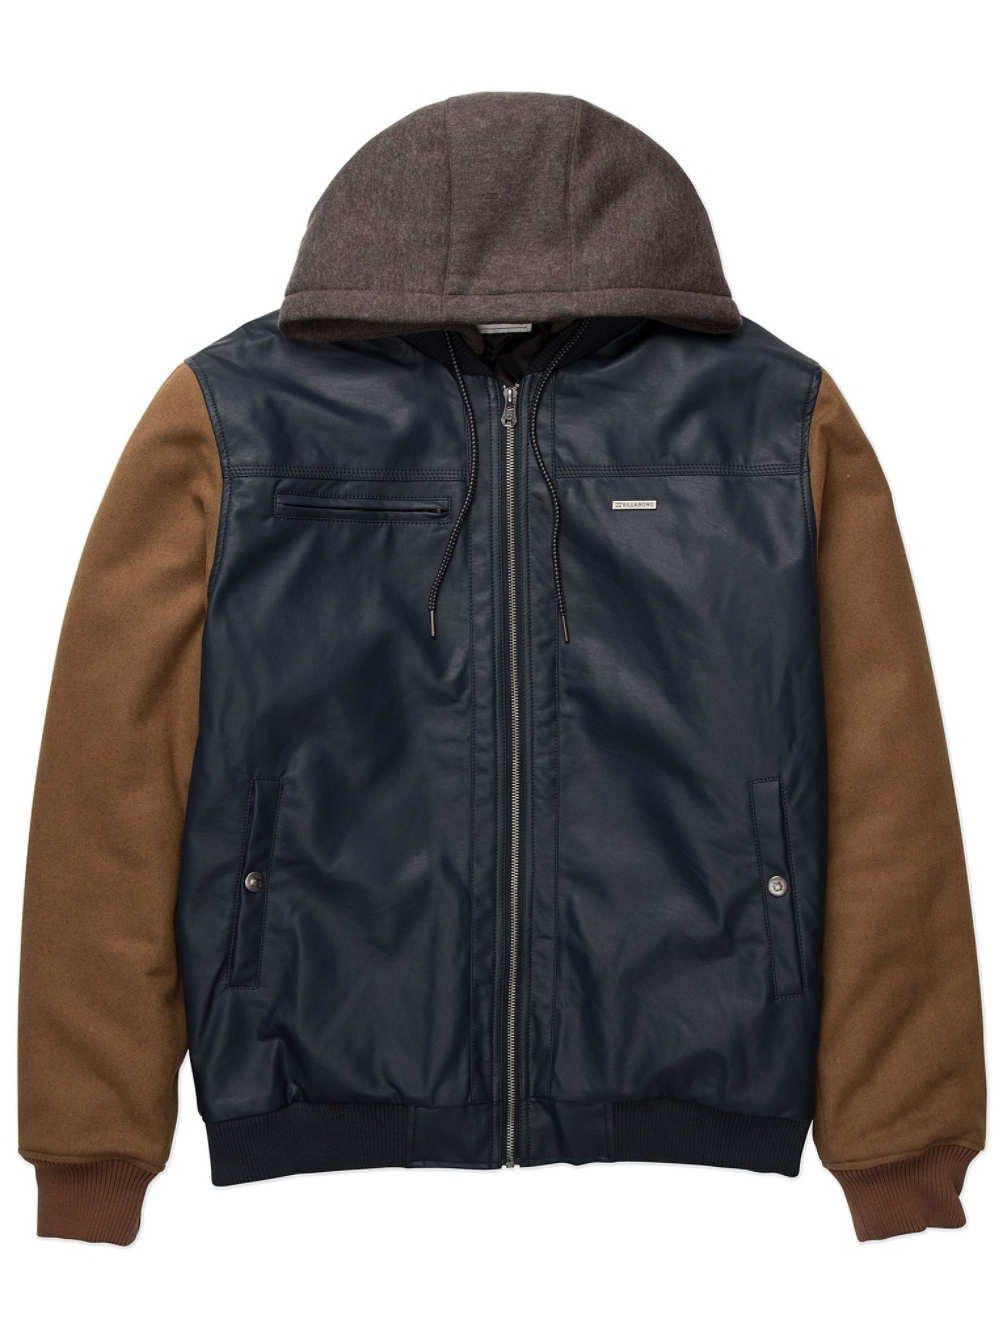 BILLABONG 2016 Futur Proof Jacket Jacket Jacket schwarz Z1JK09 B01KRF9ZYO Herren Ausgezeichneter Wert 767338